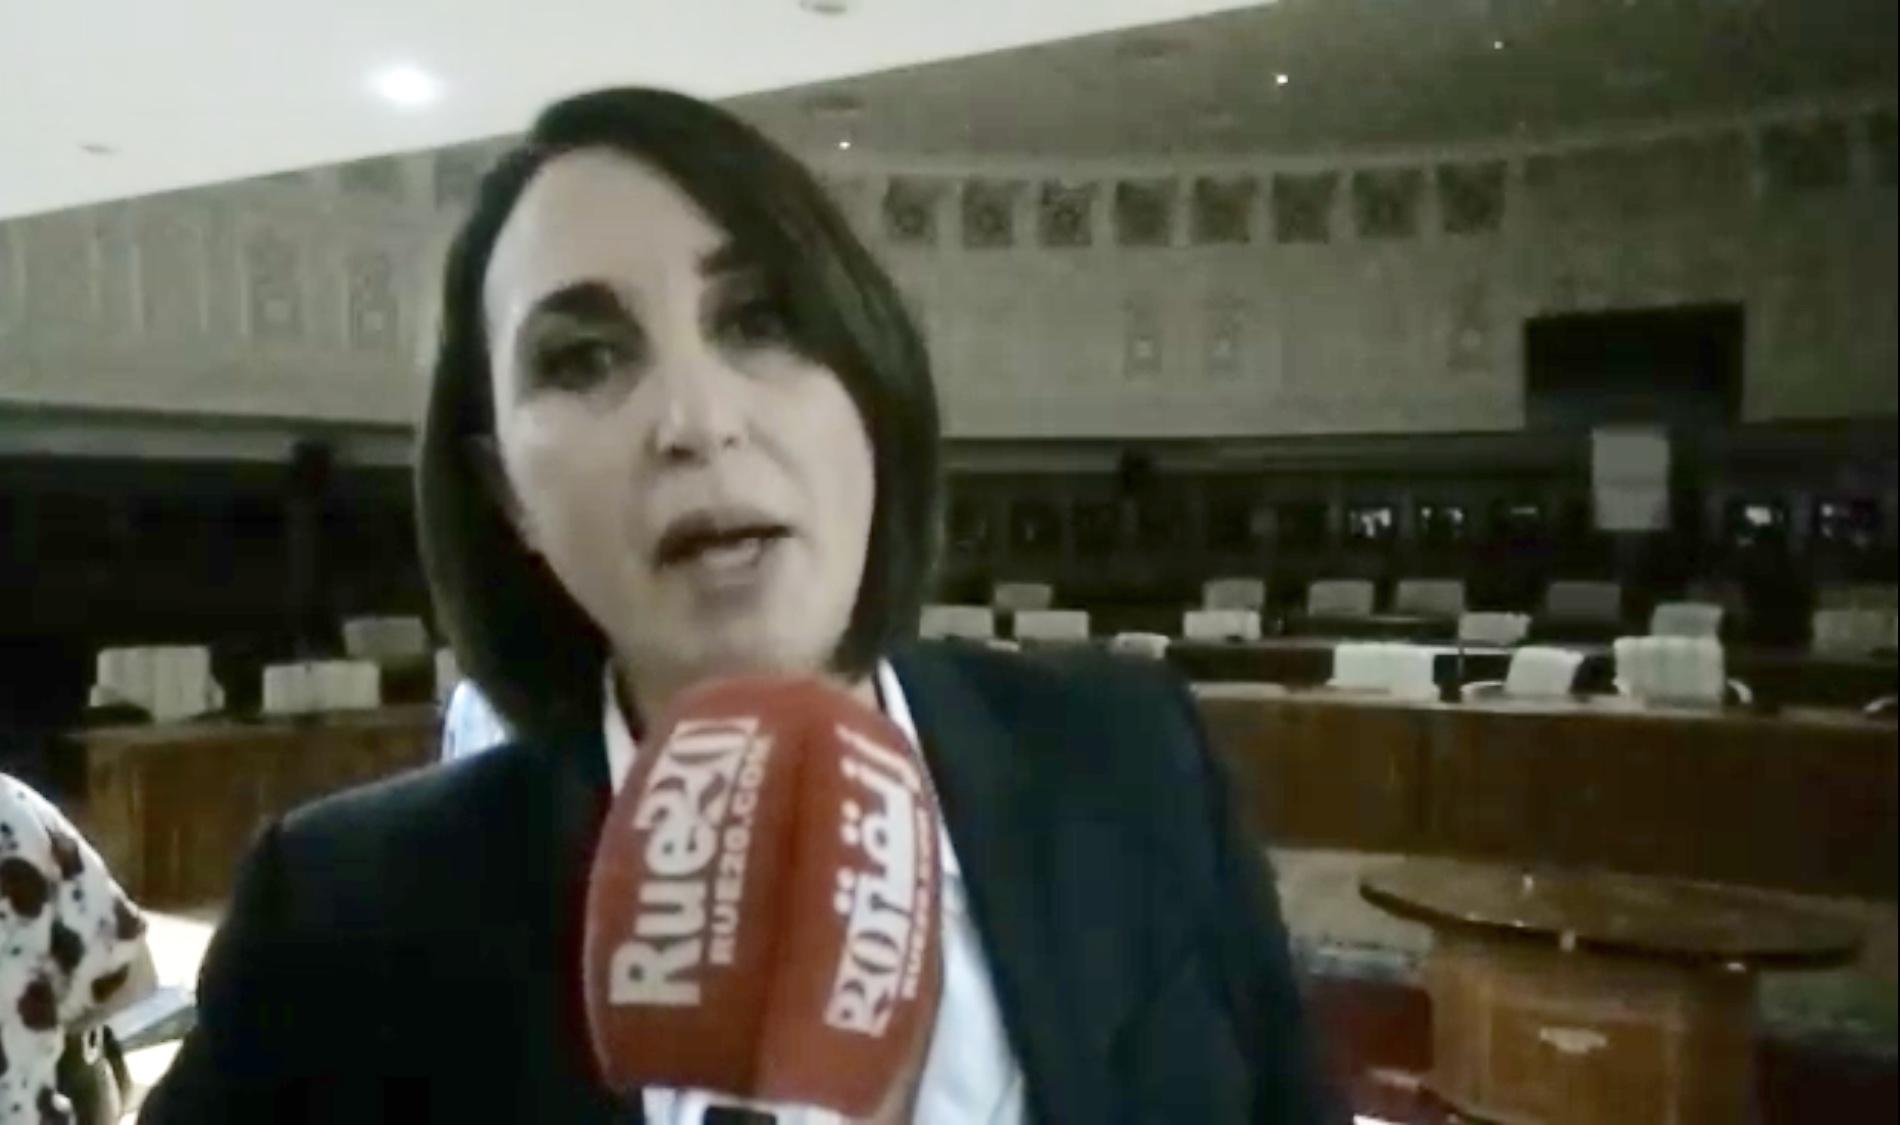 فيديو/مُنيب: المغرب بلد الفوارق الإجتماعية وخيراته تُنهبُ داخلياً وخارجياً